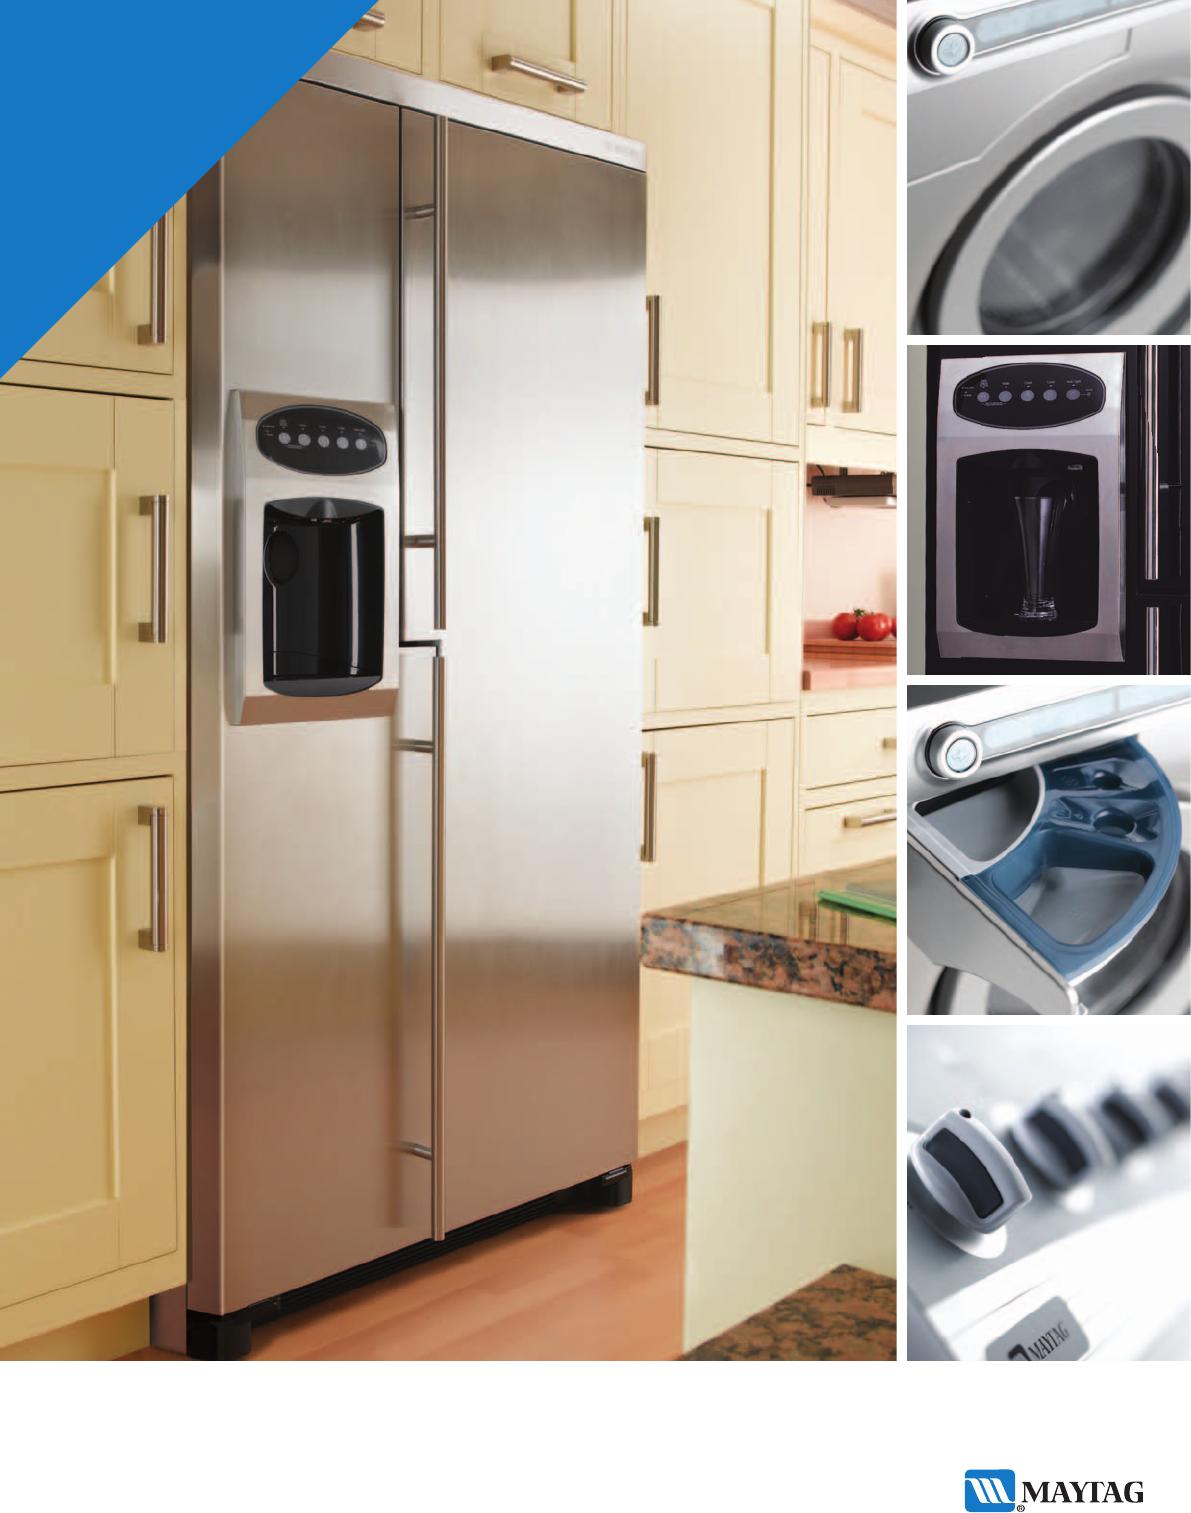 lg refrigerator repair manual online